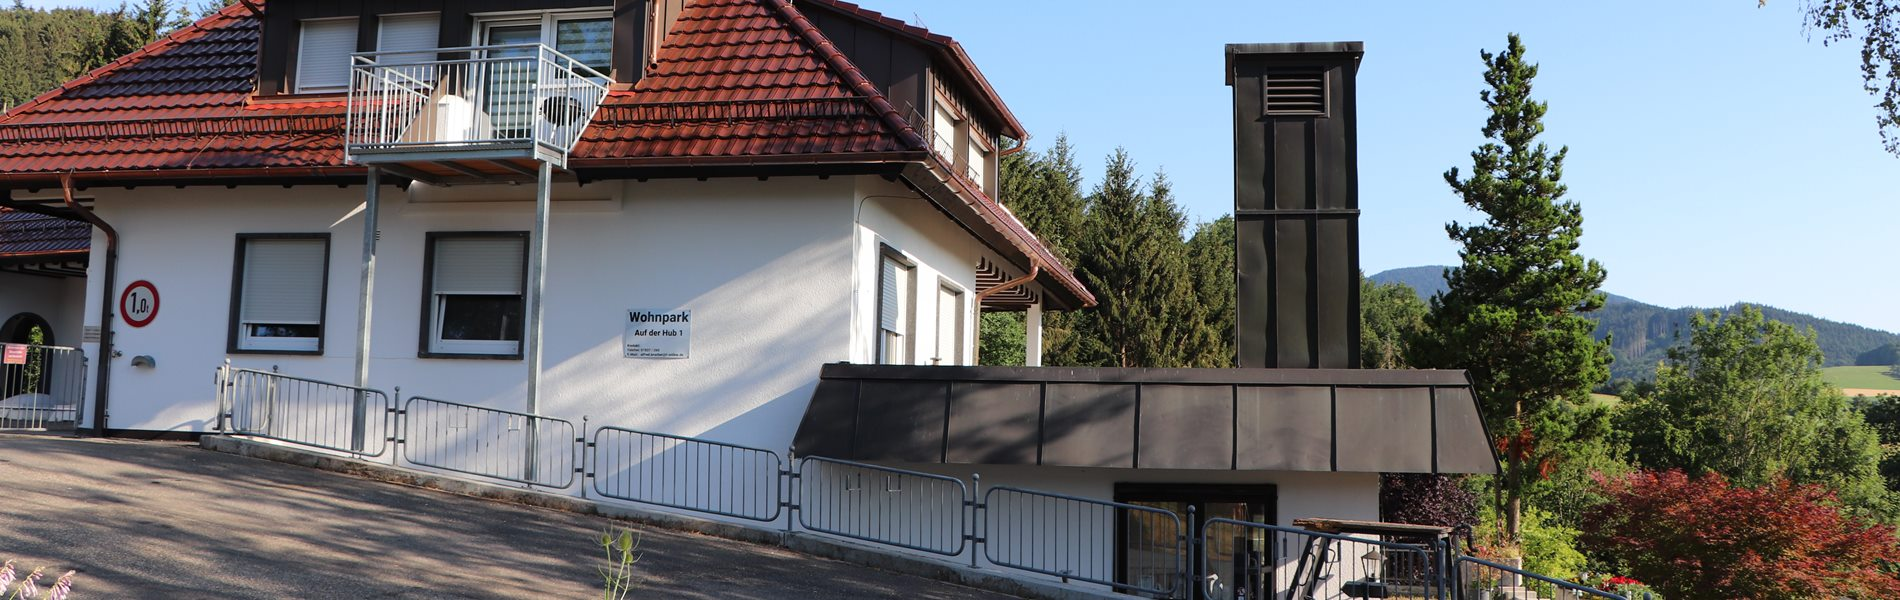 wohnung-sieben-sommer-wohnpark-oberharmersbach